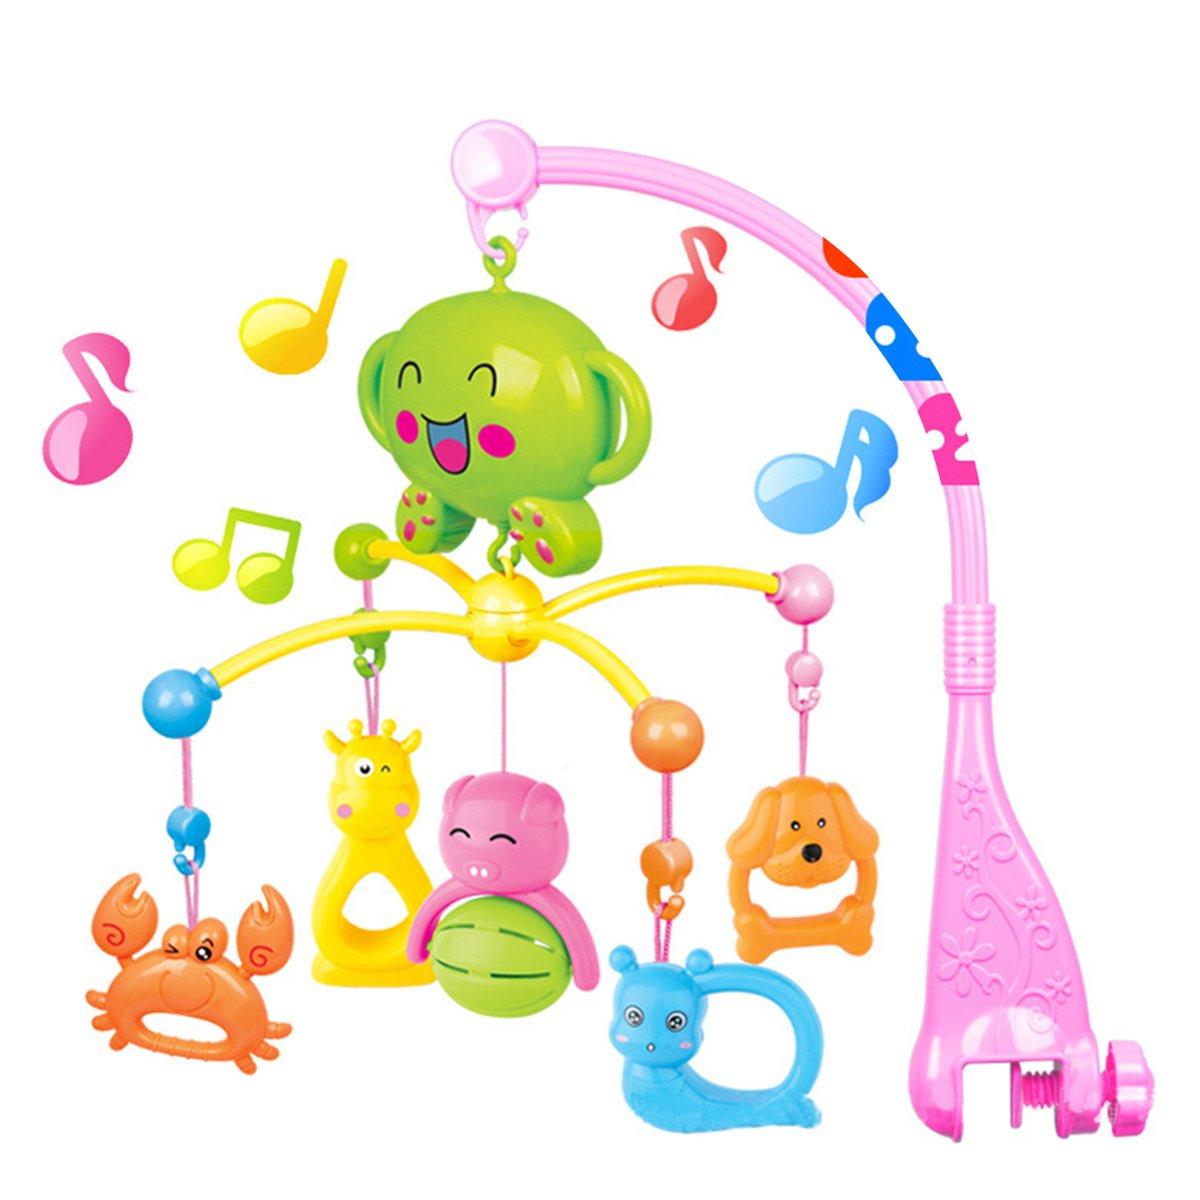 最安値 ベビーミュージックベビーモービルズトイ CA1 ベビーベッドベル 幼児用ガラガラガラ ベビーベッドベル 回転式かわいいカラフルな動物 20個のメロディー付き ピンク CA1 B07FDMWGTM ピンク ピンク, いそべ家具:442d452e --- svecha37.ru